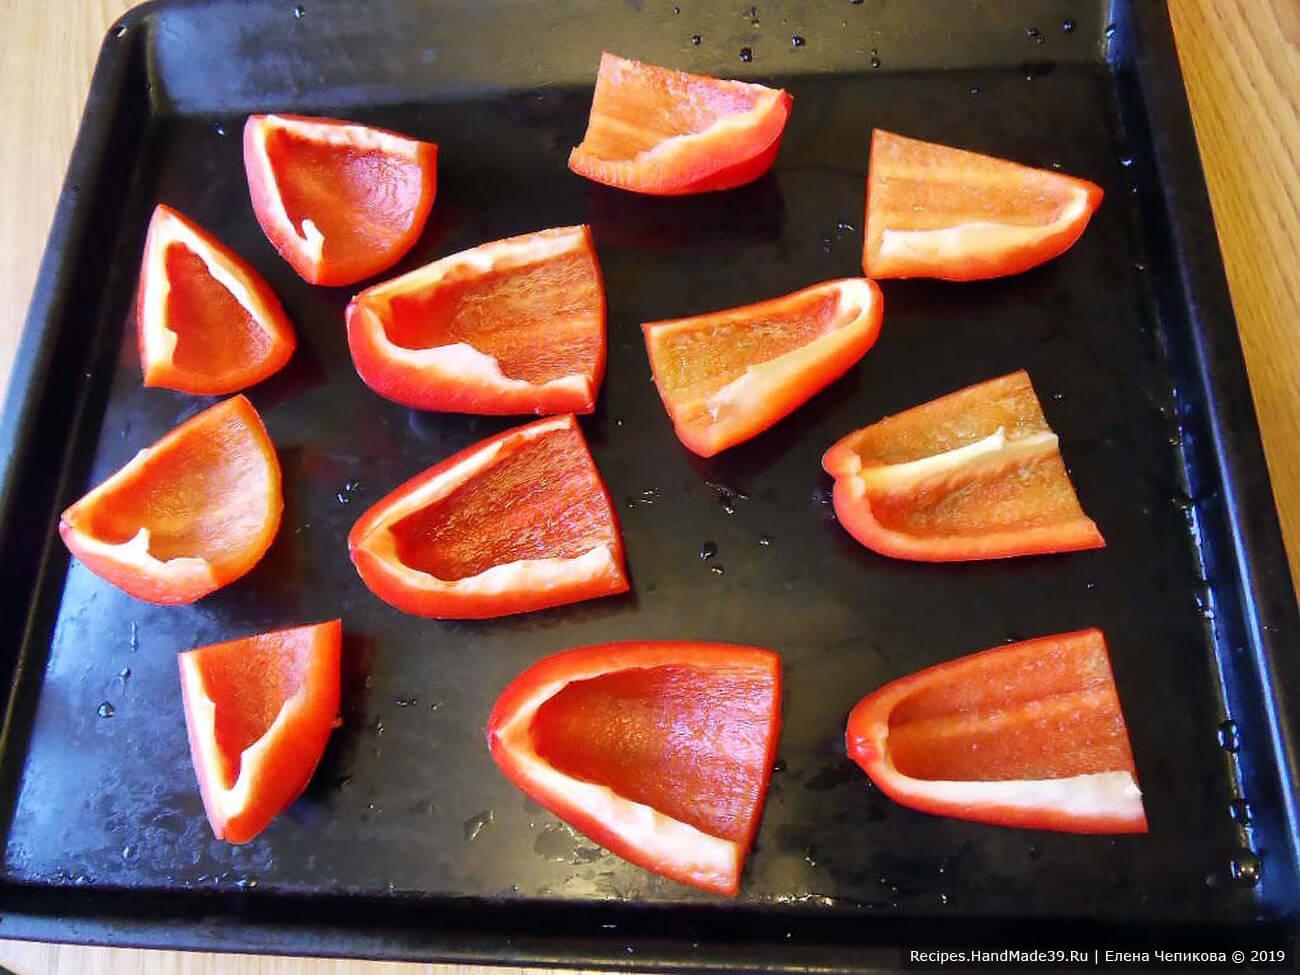 Сладкий перец разрезать на четвертинки, удалить семена и сердцевину. Перец выложить на сухой противень и запекать 15 минут при температуре 250 °C